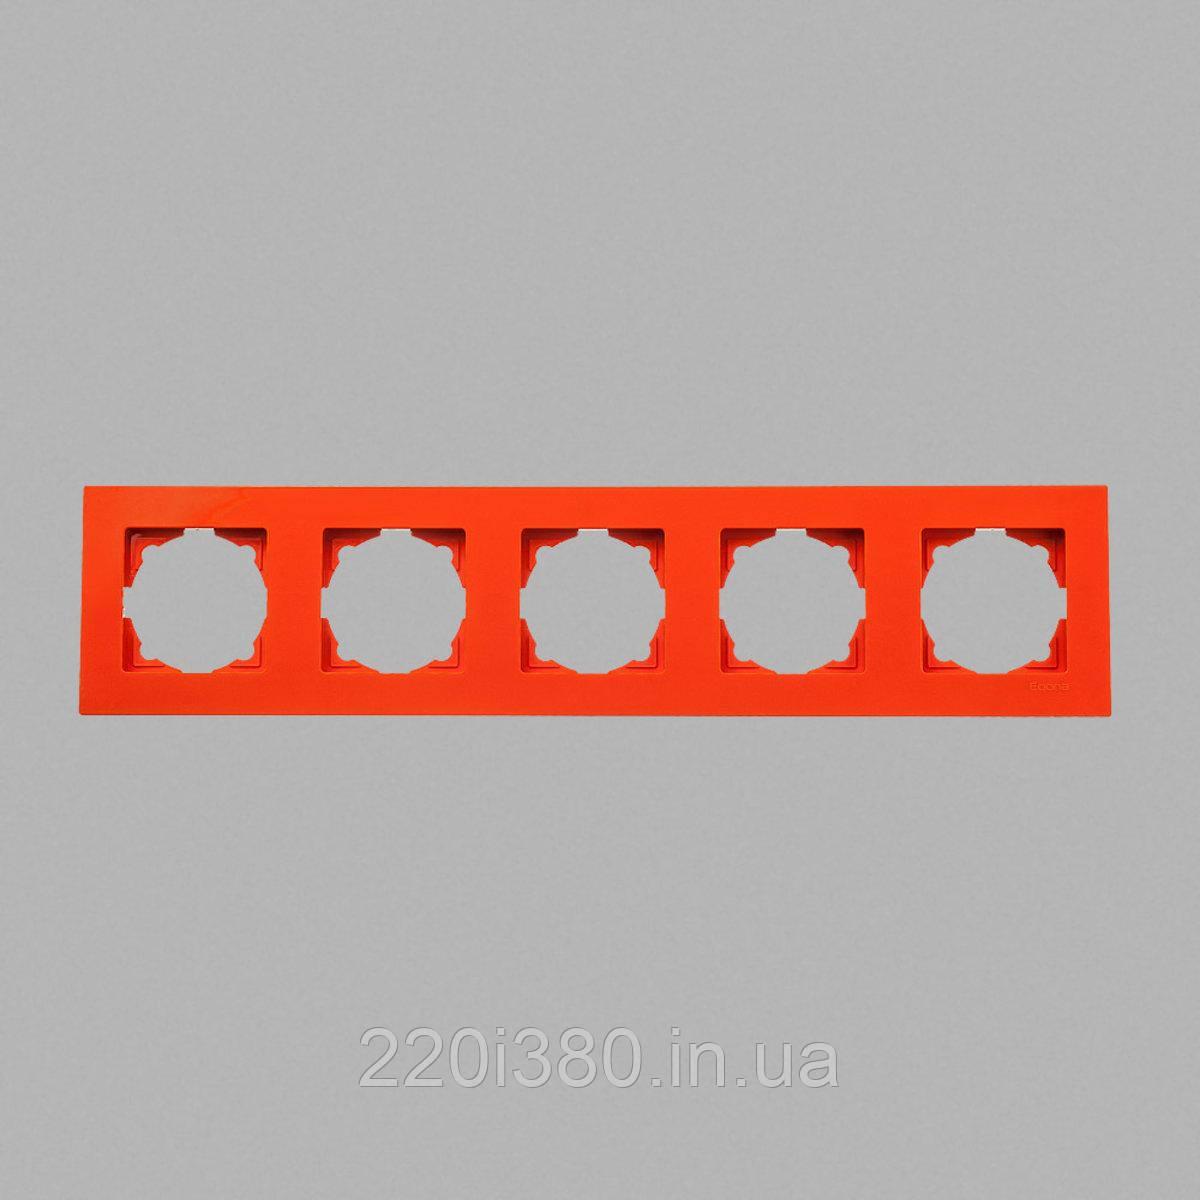 Eqona рамка 5-ая оранжевая